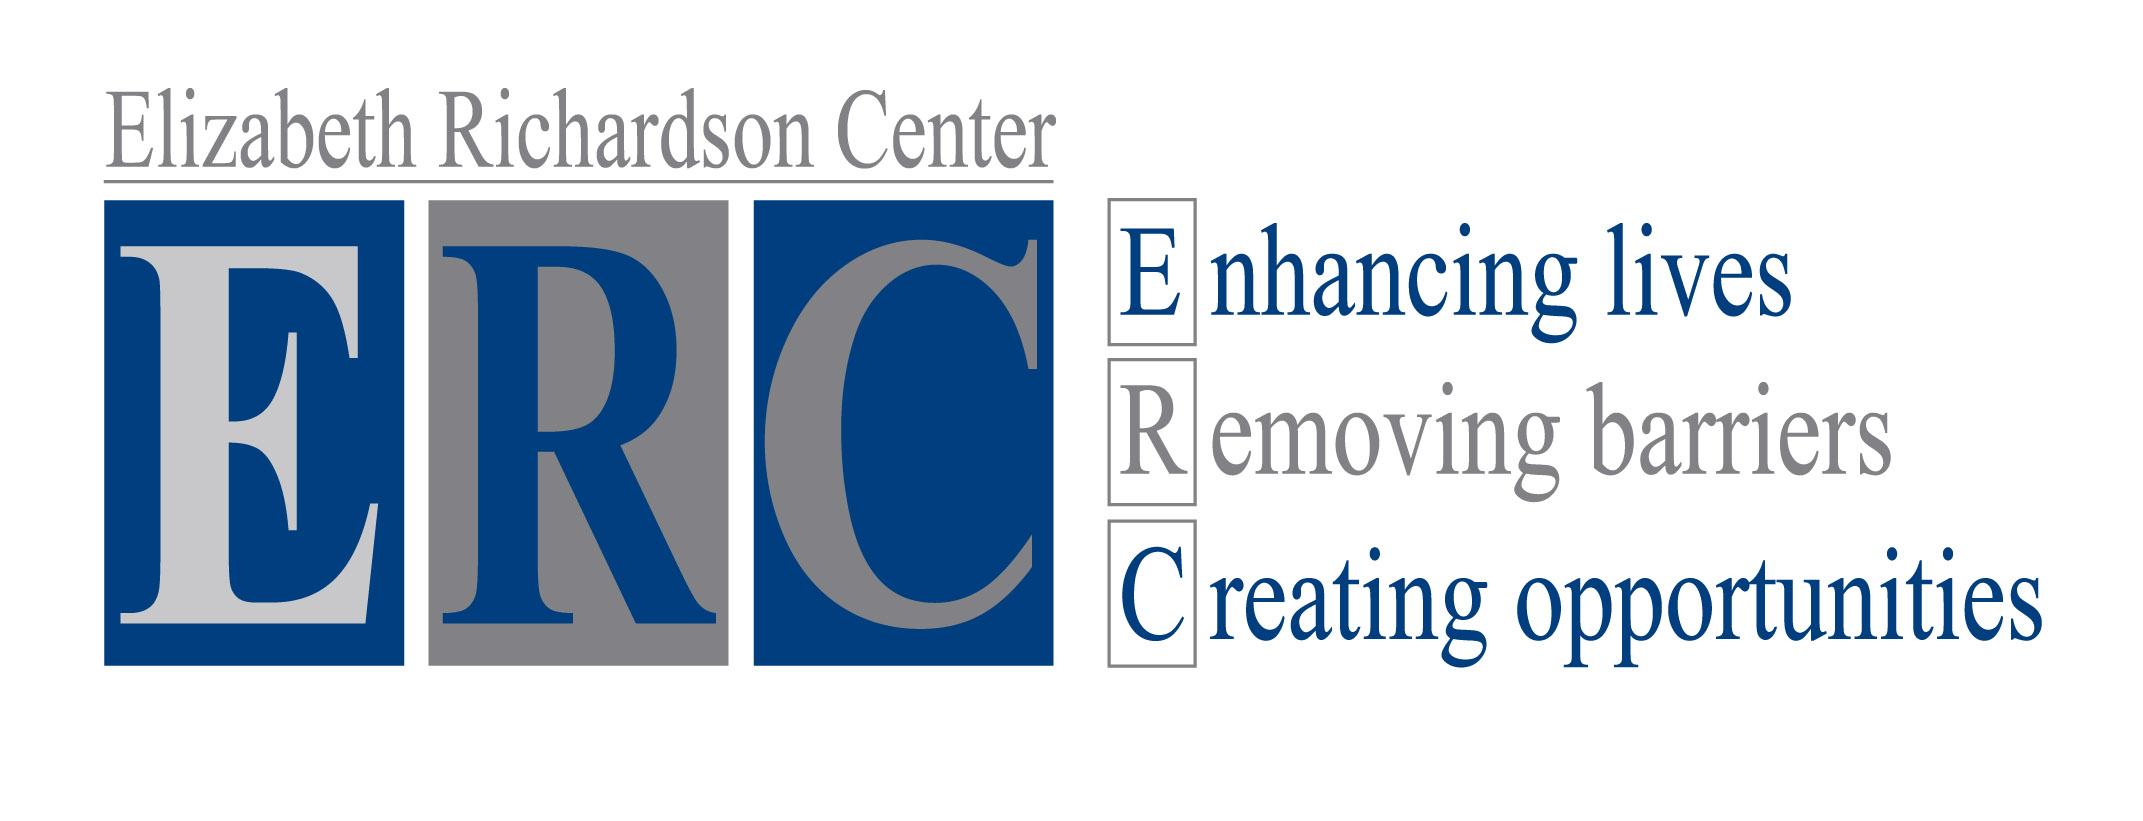 job openings elizabeth richardson center